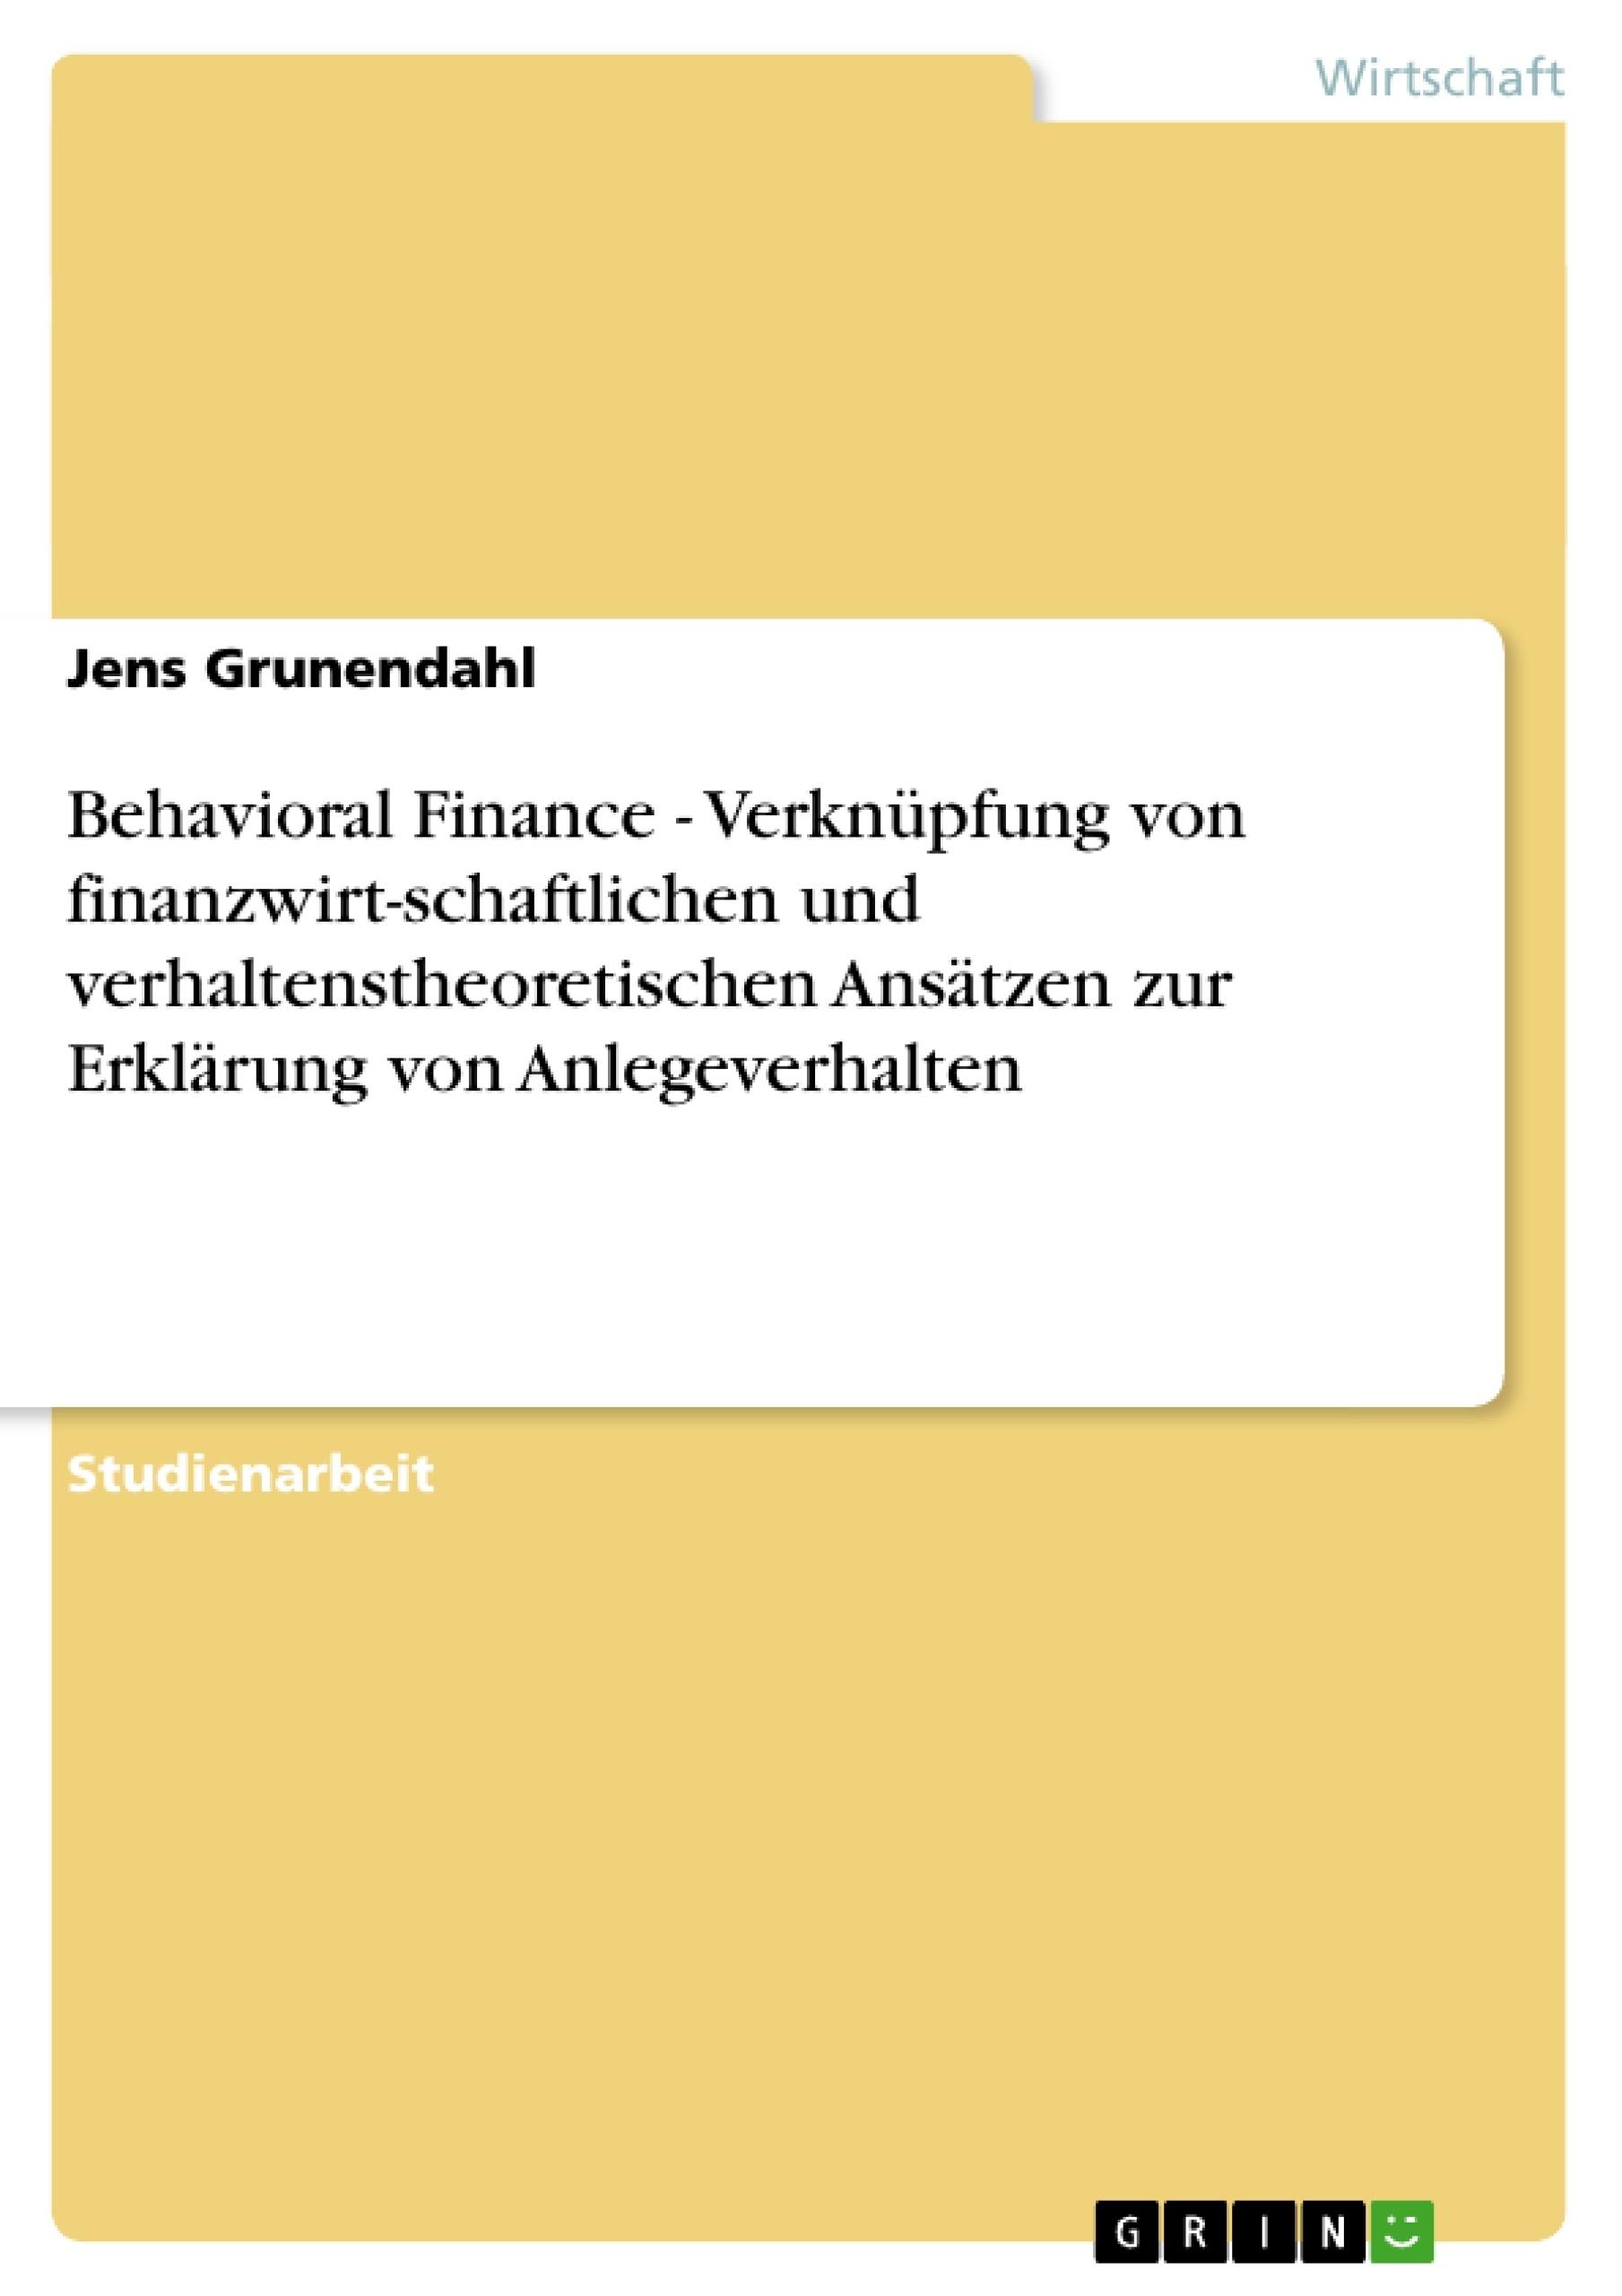 Titel: Behavioral Finance - Verknüpfung von finanzwirt-schaftlichen und verhaltenstheoretischen Ansätzen zur Erklärung von Anlegeverhalten